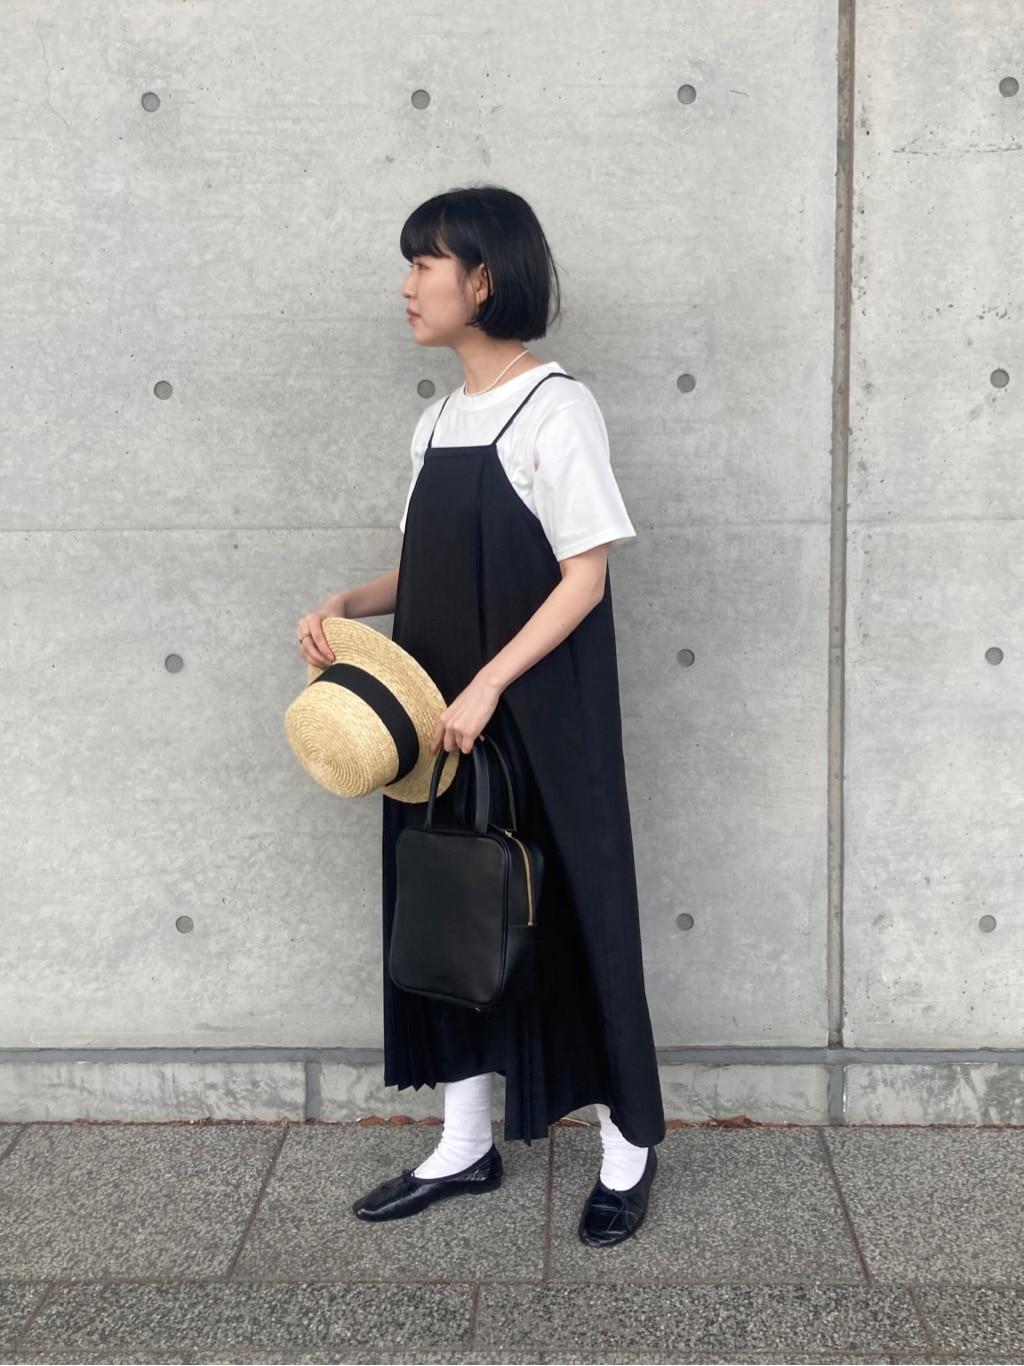 l'atelier du savon 東京スカイツリータウン・ソラマチ 身長:152cm 2021.05.06